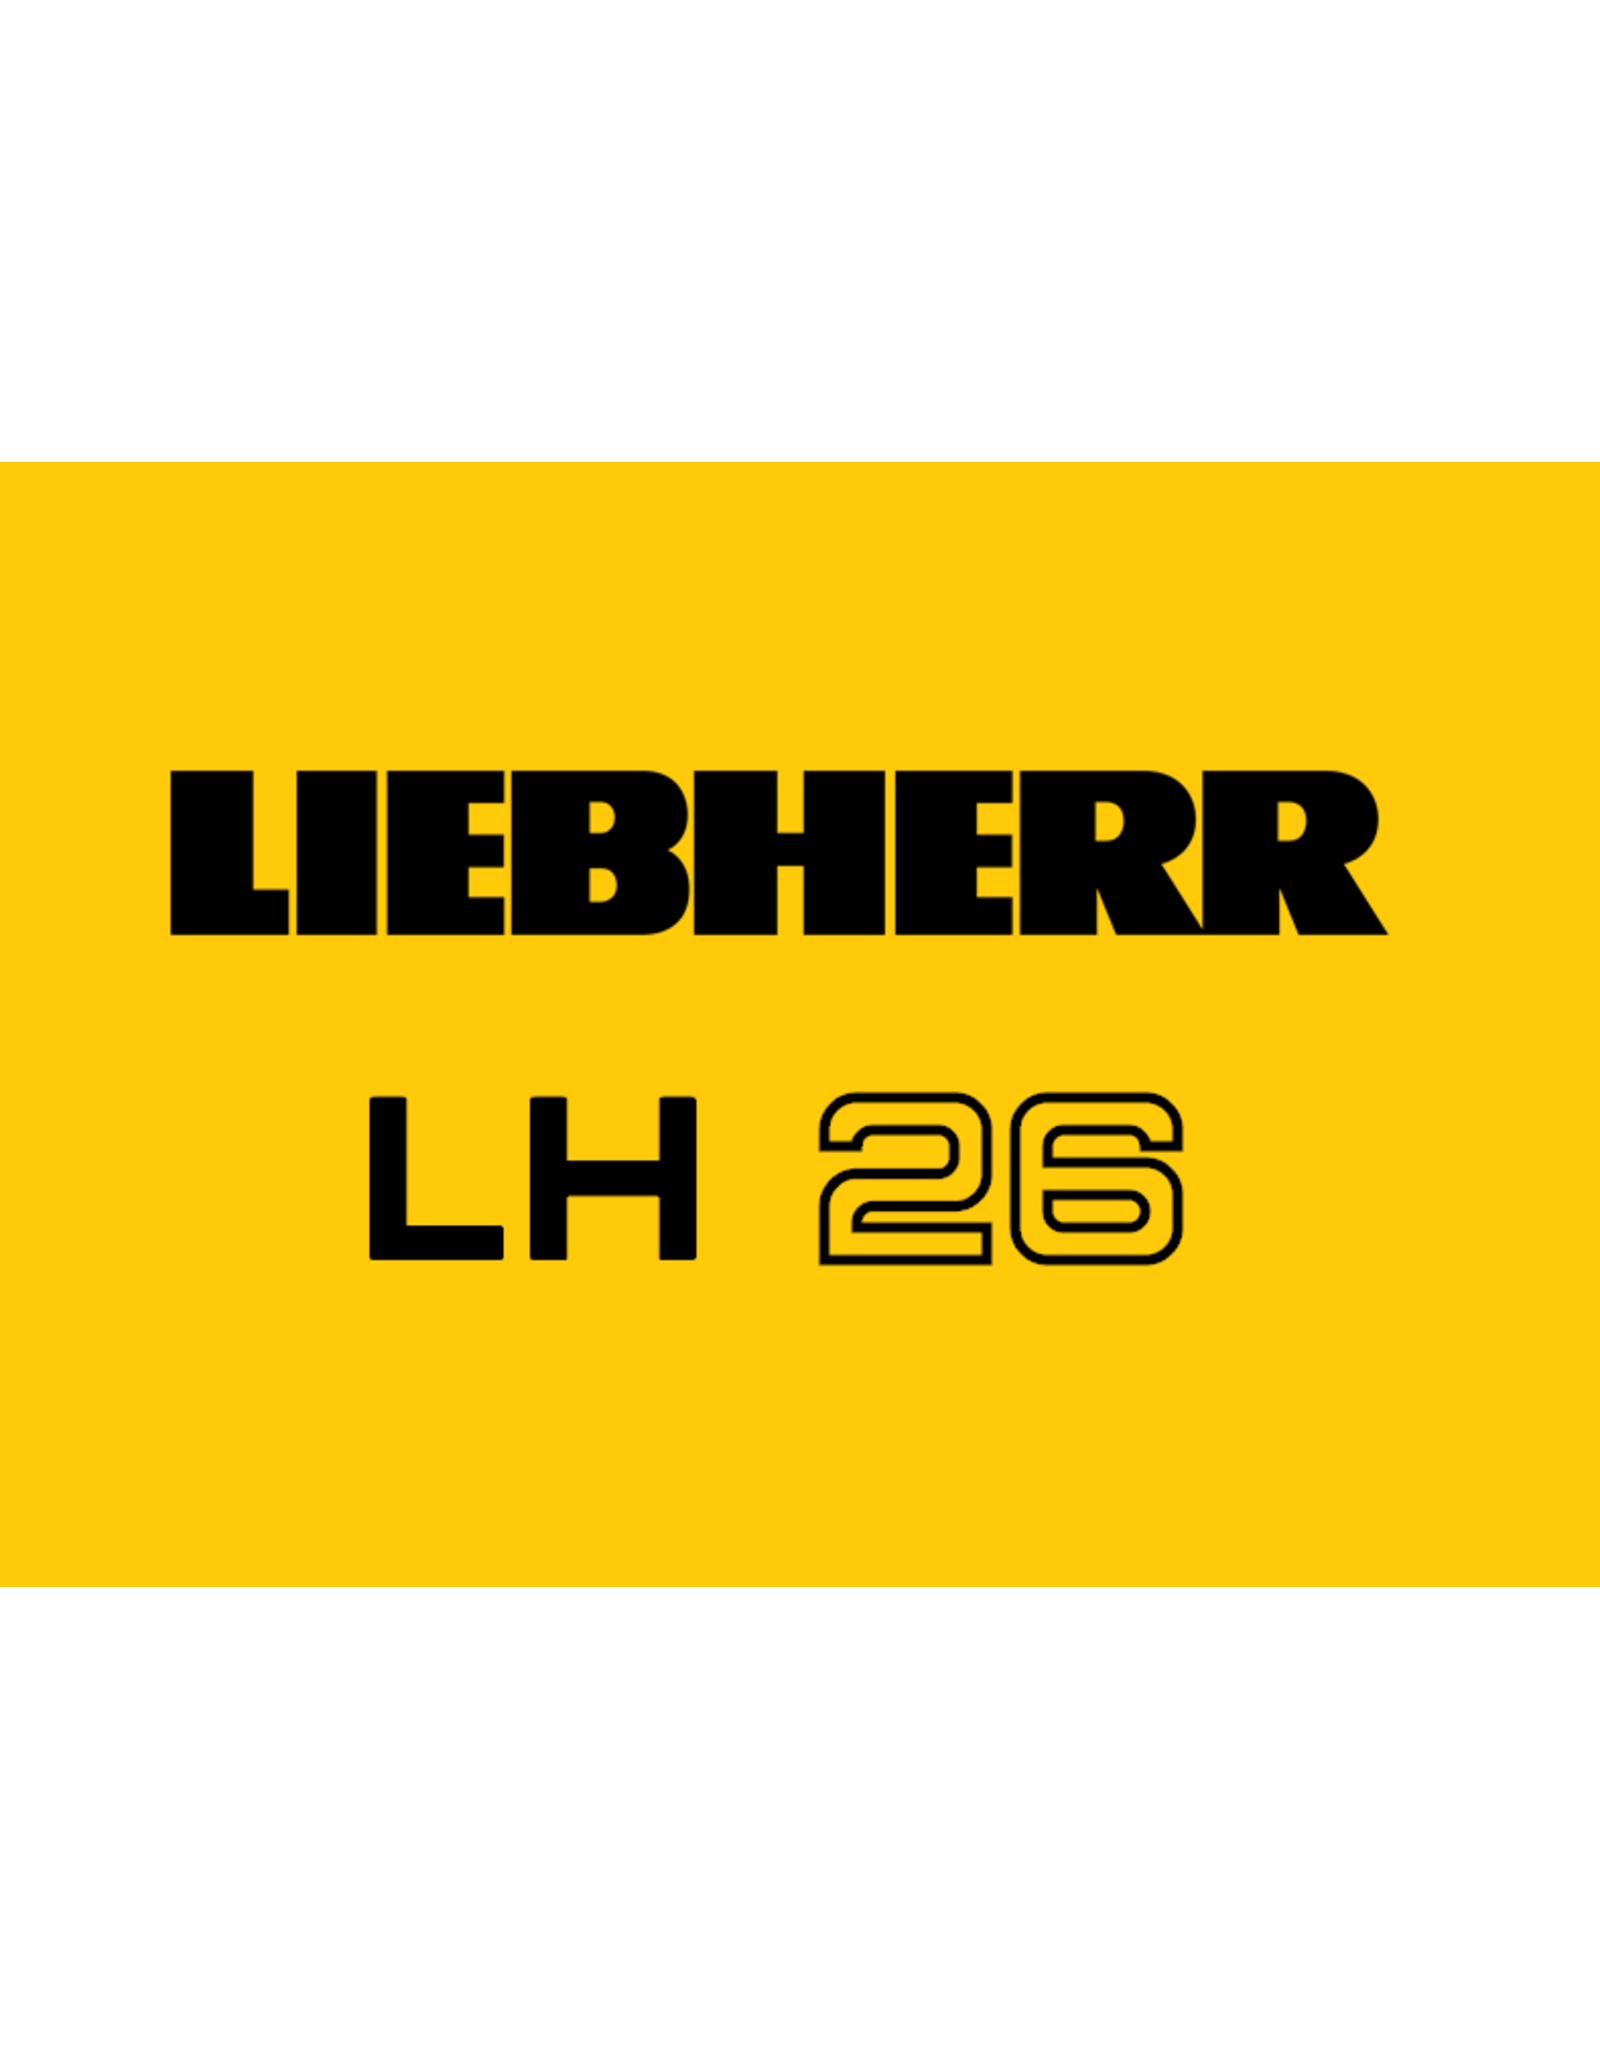 Echle Hartstahl GmbH FOPS for Liebherr LH 26